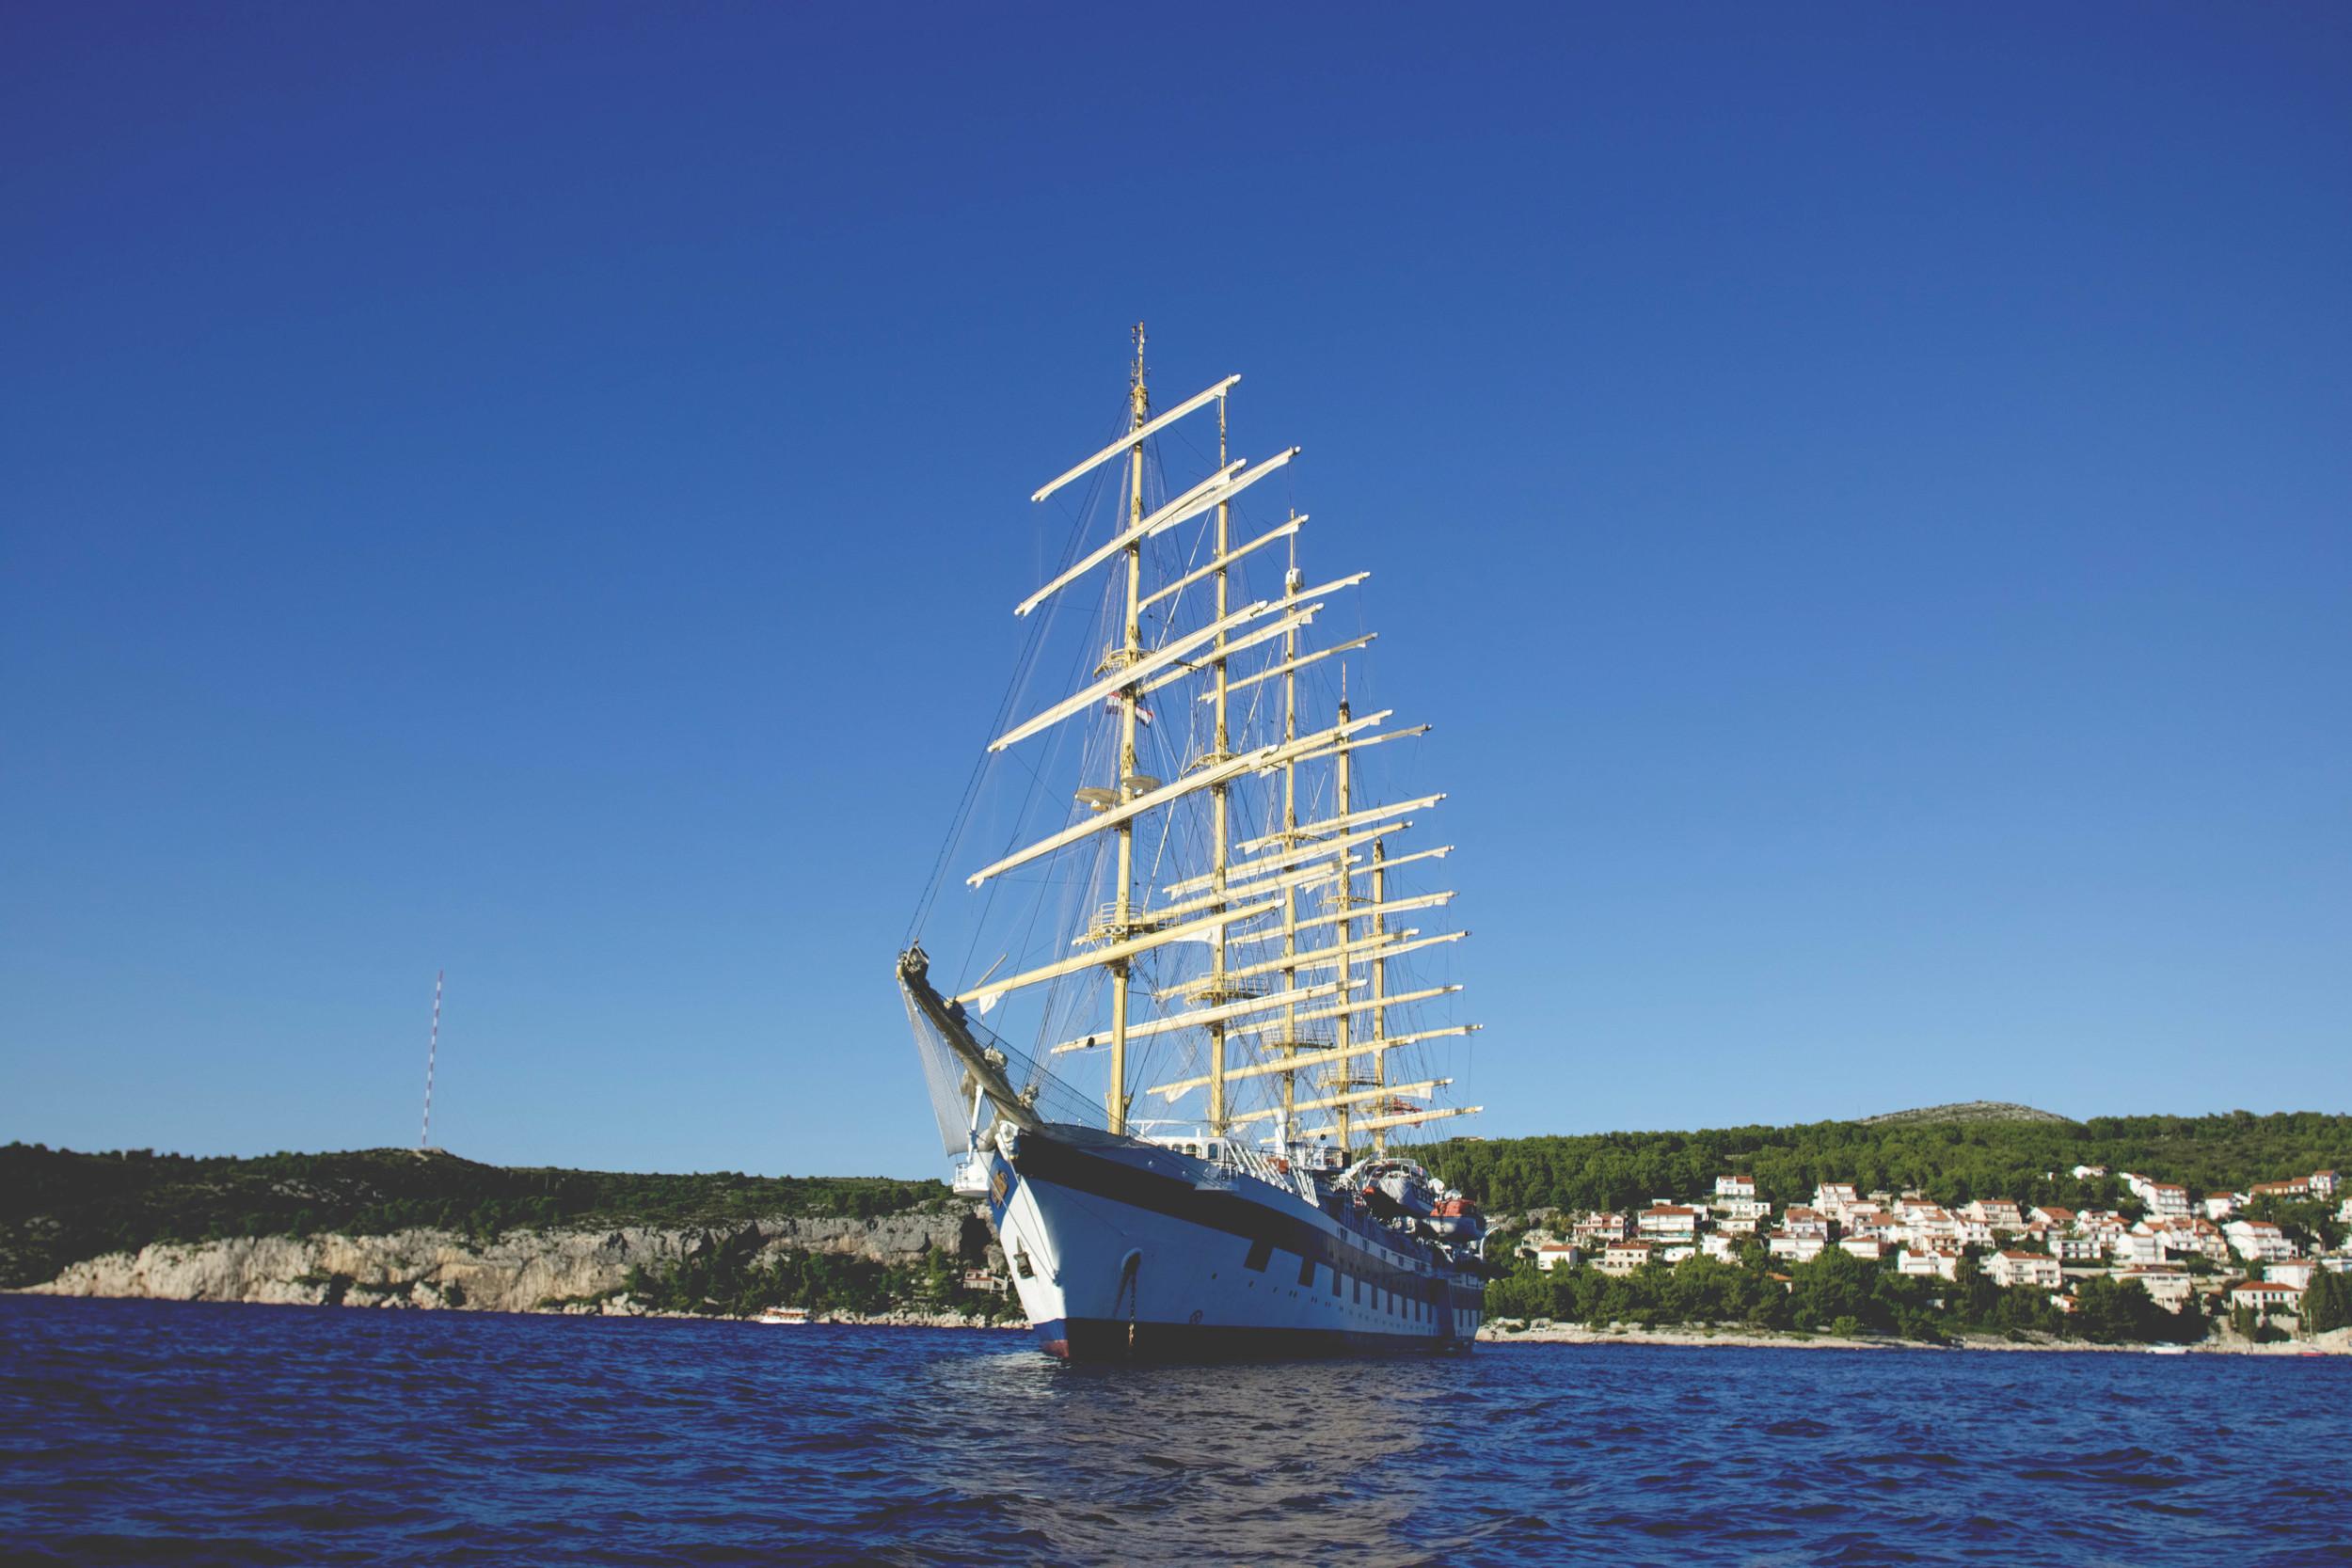 Epic Sail Boat